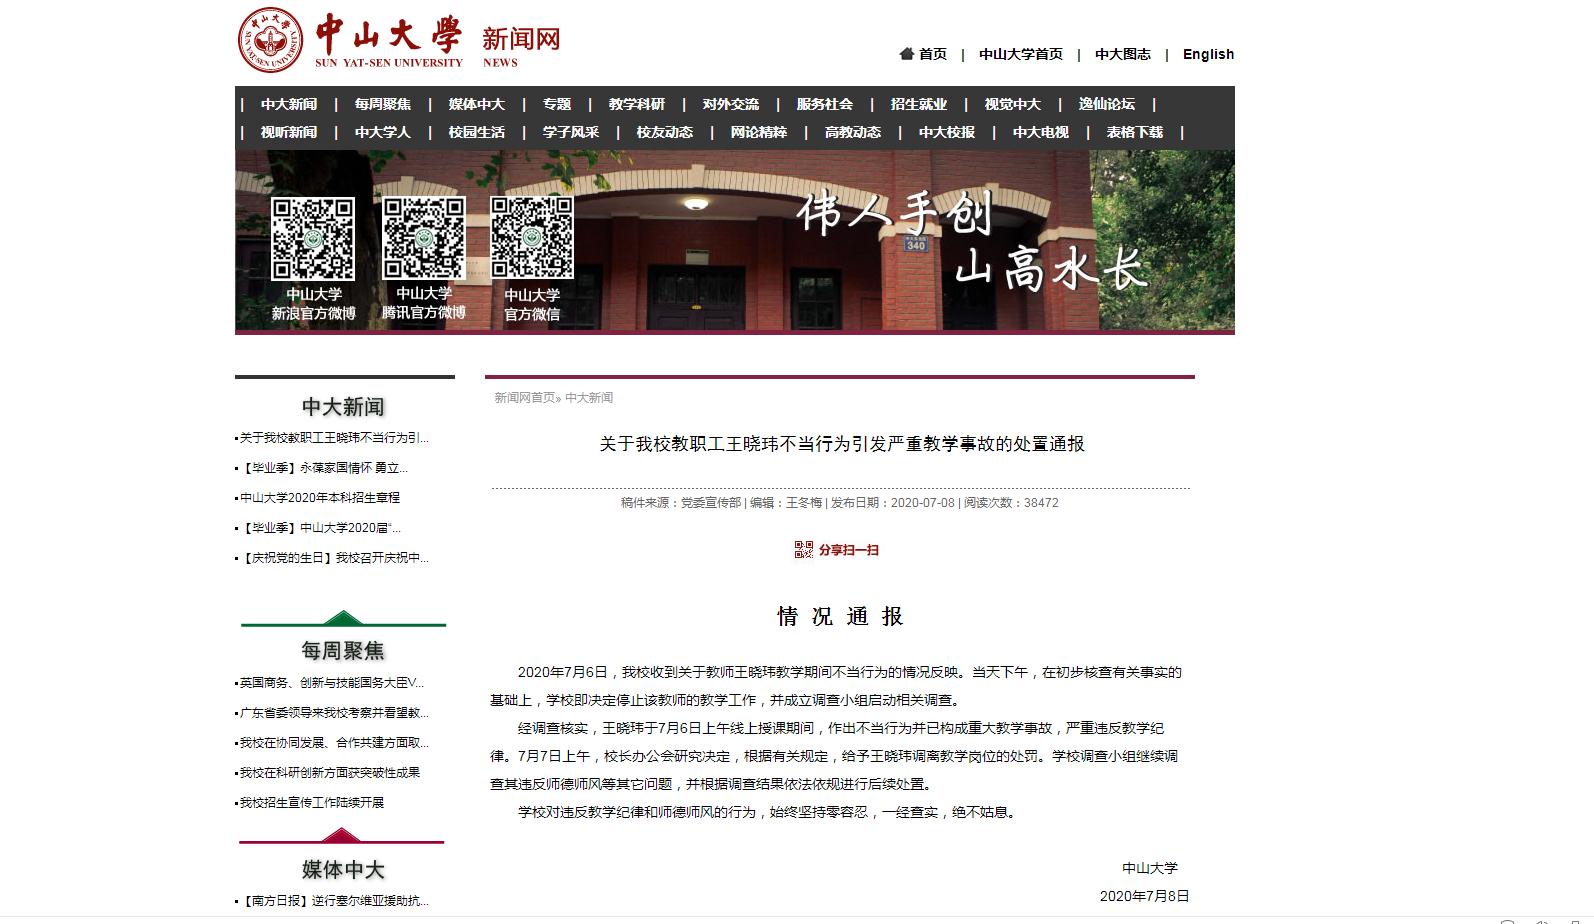 中大教授王晓玮网课出现不良内容3.png